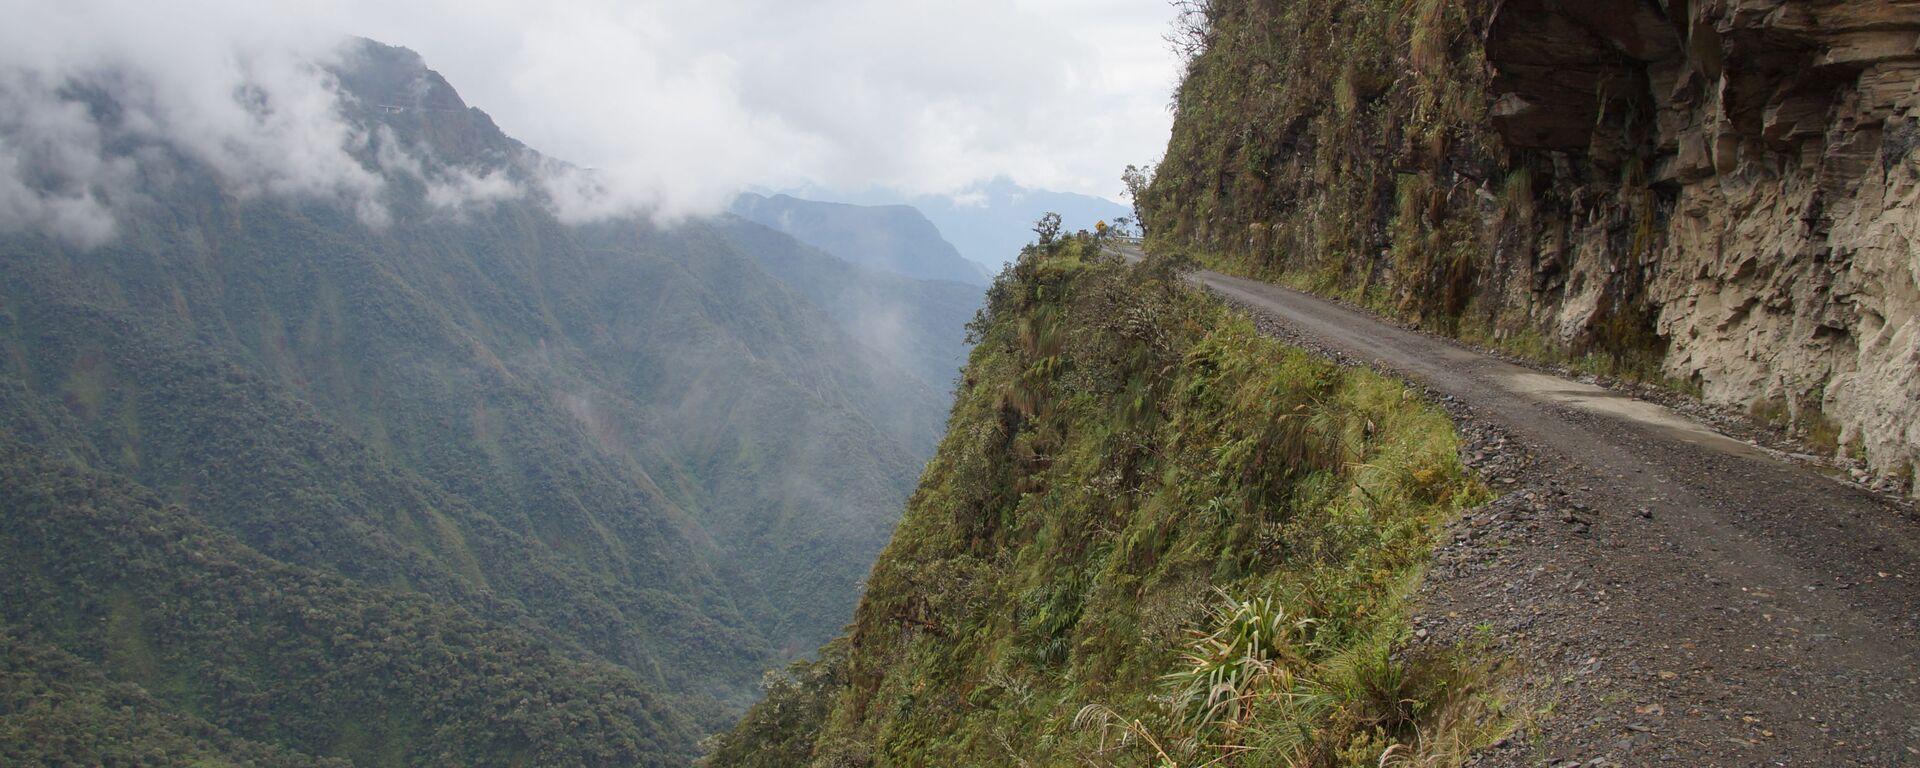 Carretera boliviana (imagen referencial) - Sputnik Mundo, 1920, 17.03.2021